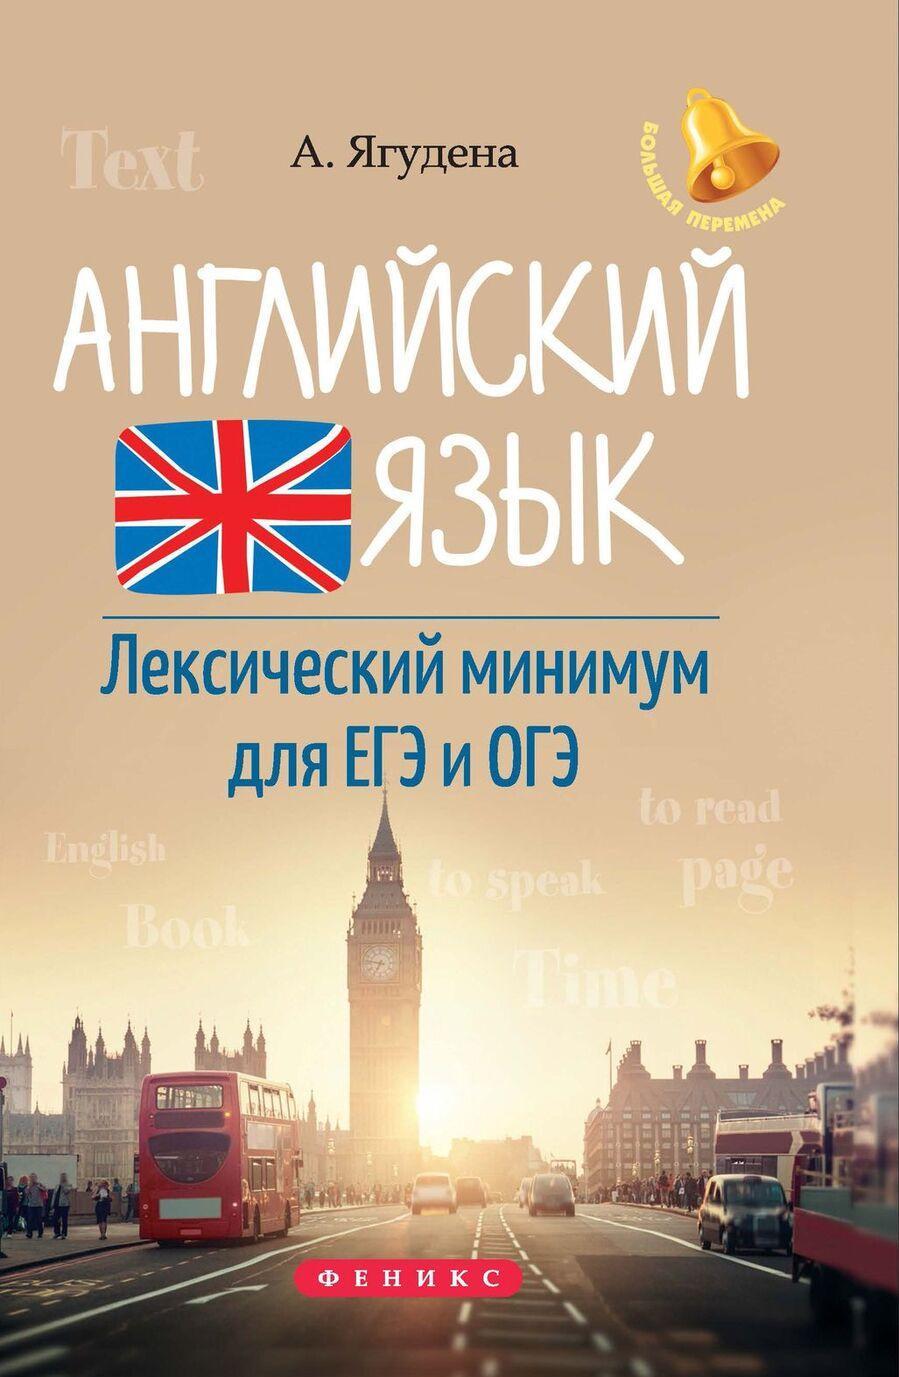 Английский язык. лексичес. минимум для ЕГЭ и ОГЭ дп